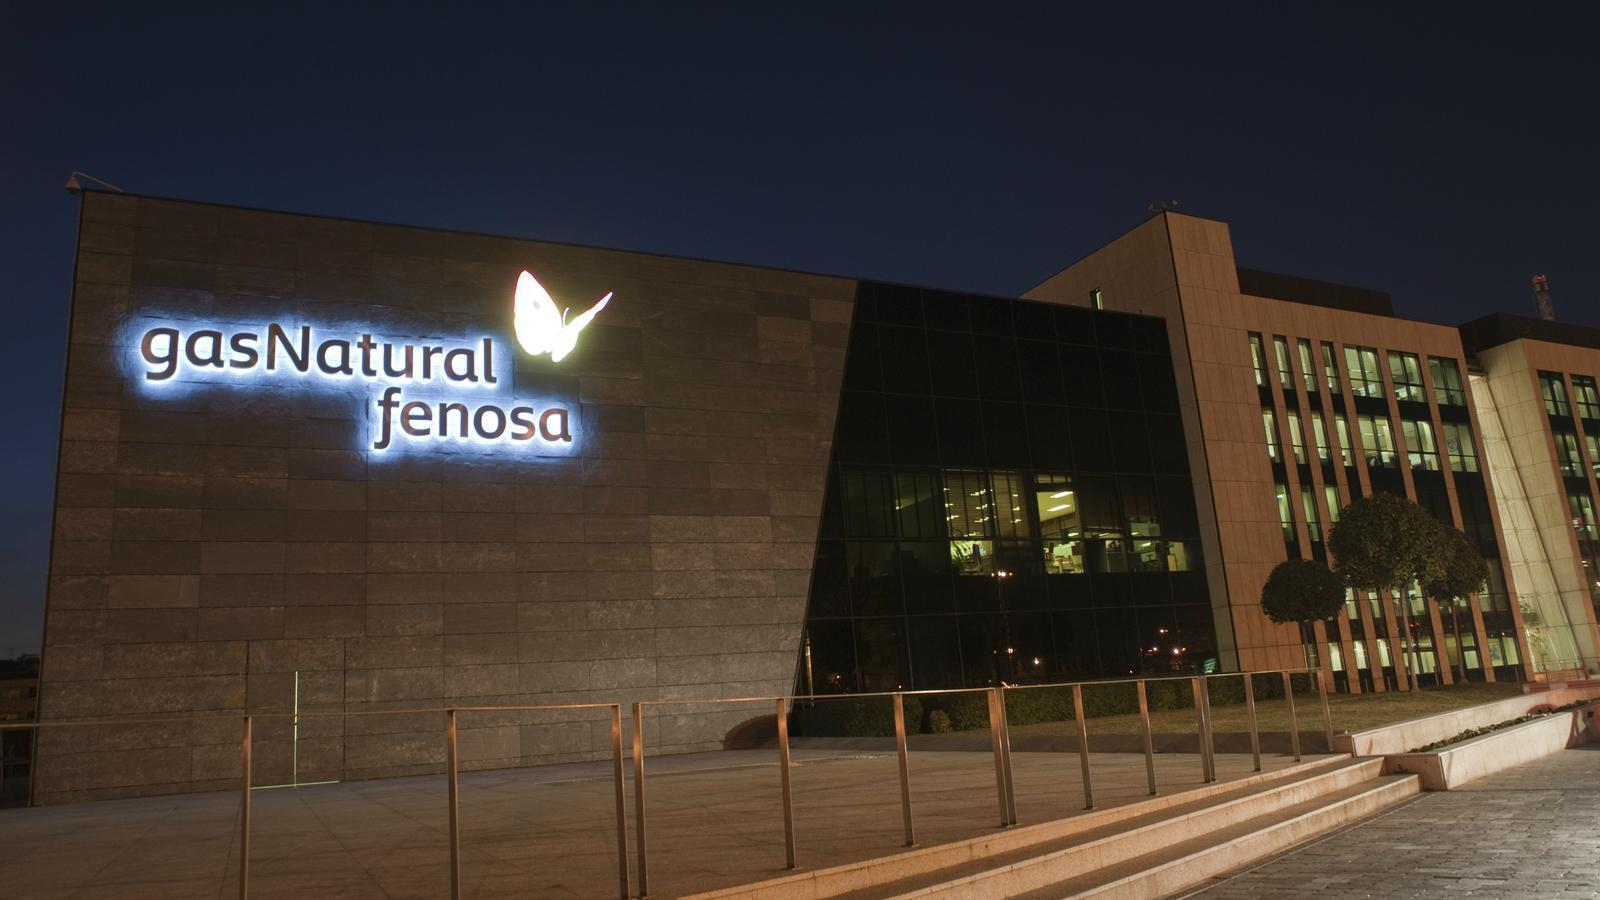 Zambal compra la seu de gas natural a madrid per 120 milions for Oficinas fenosa madrid